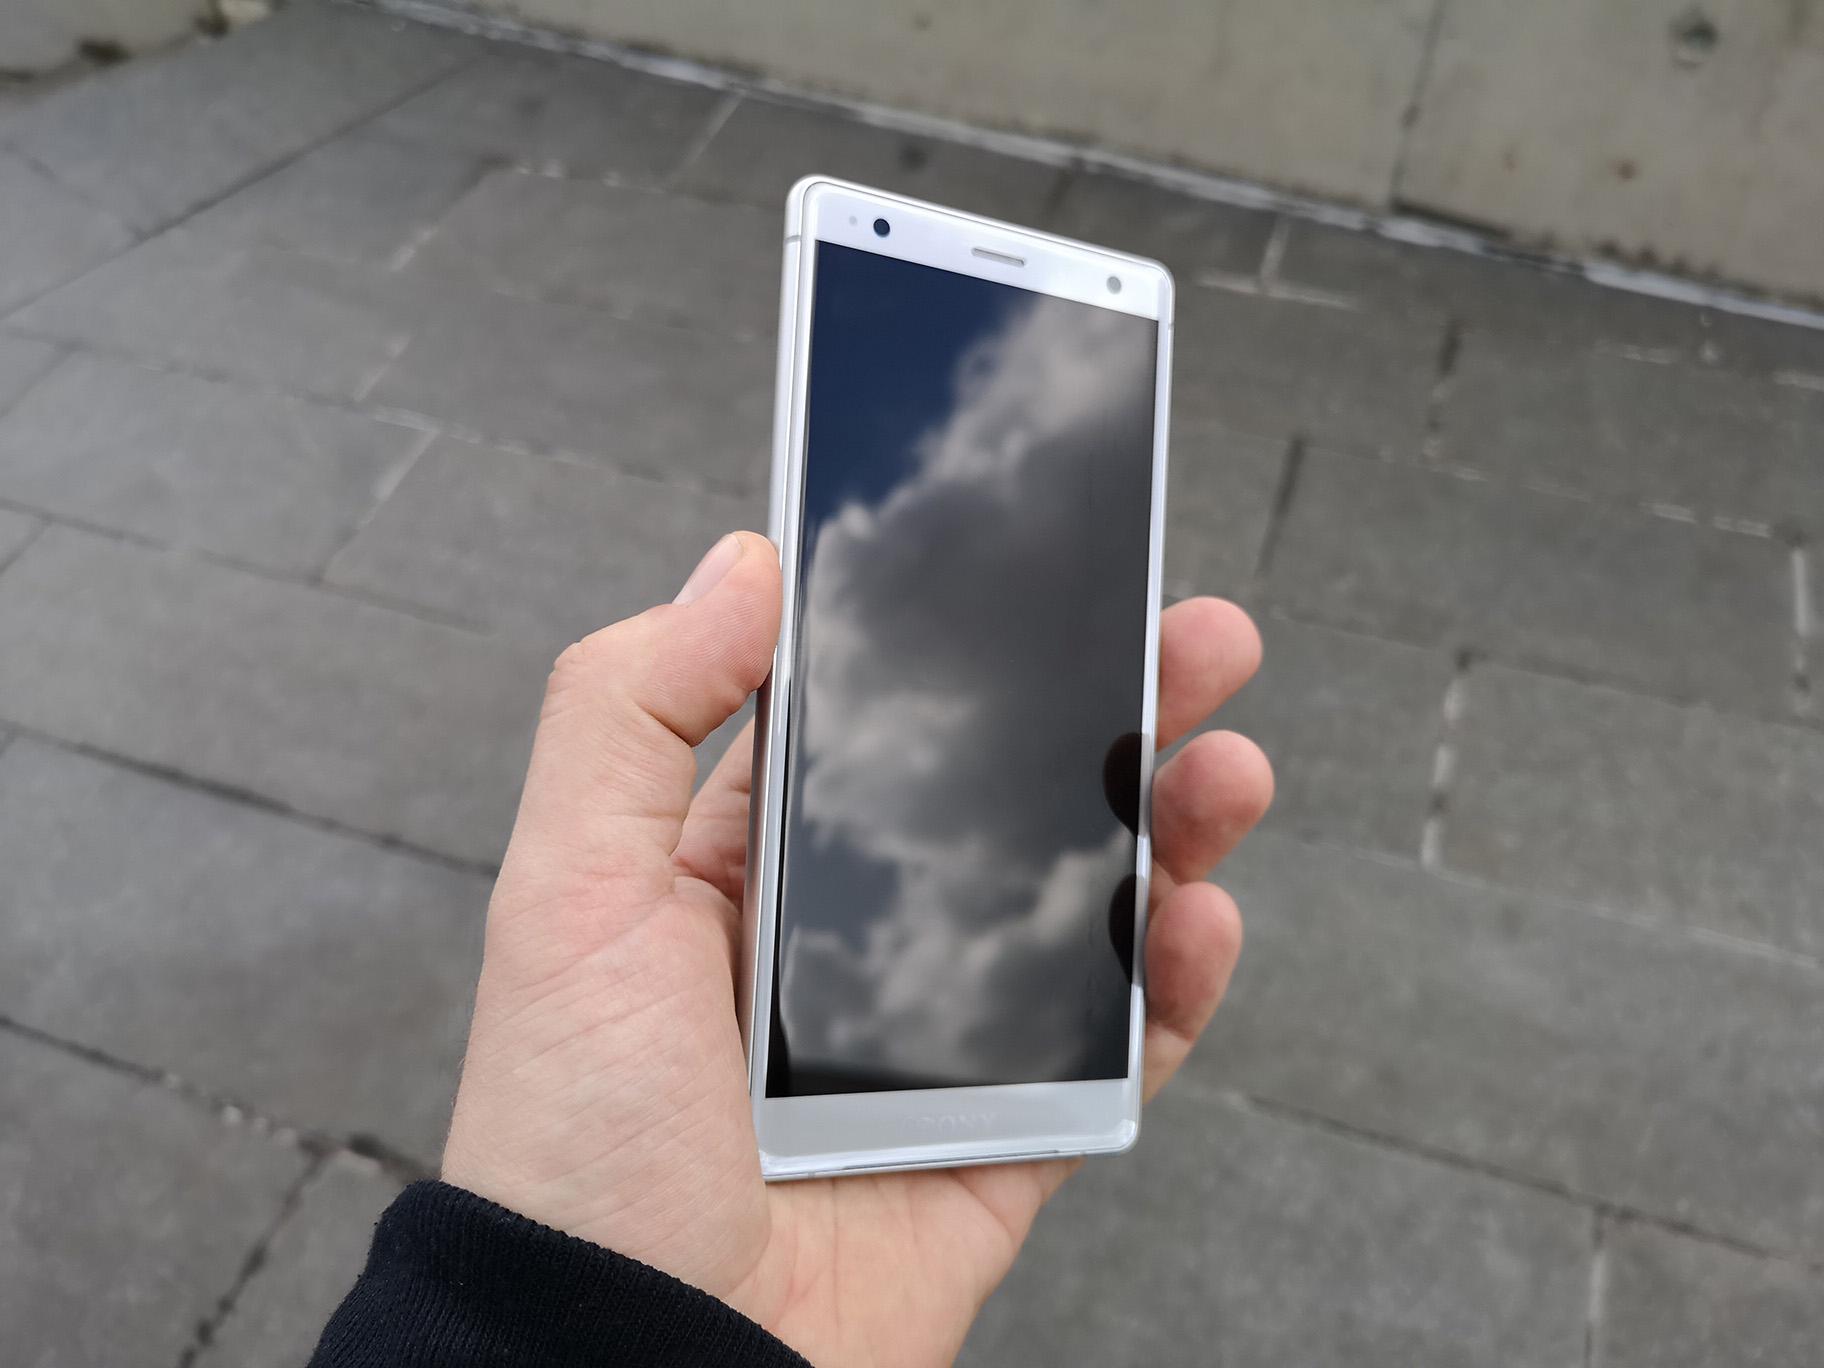 19768d01427 ... seega on hind kukkunud 250 eurot. Apple'i seadmetele omaselt on iPhone  7 aga endiselt vägagi hea telefon, seega selle kasutamisega probleeme  tekkida ei ...